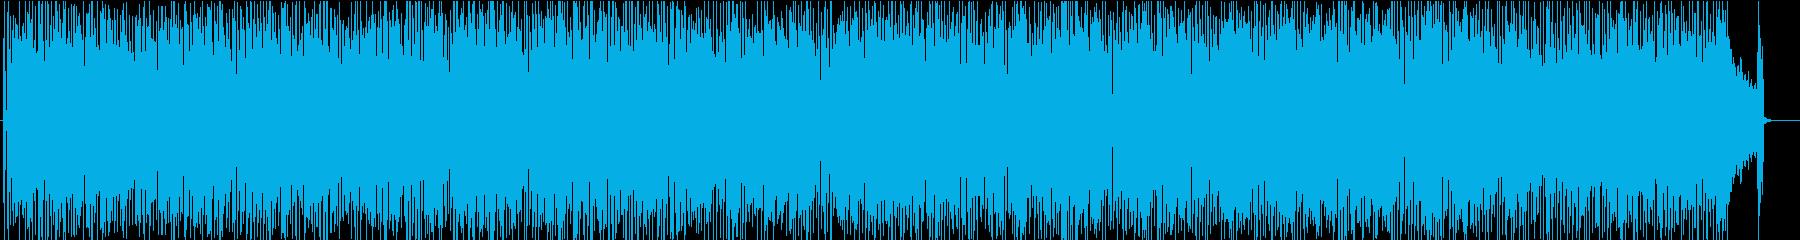 前向きでシンプルなガレージロック調BGMの再生済みの波形